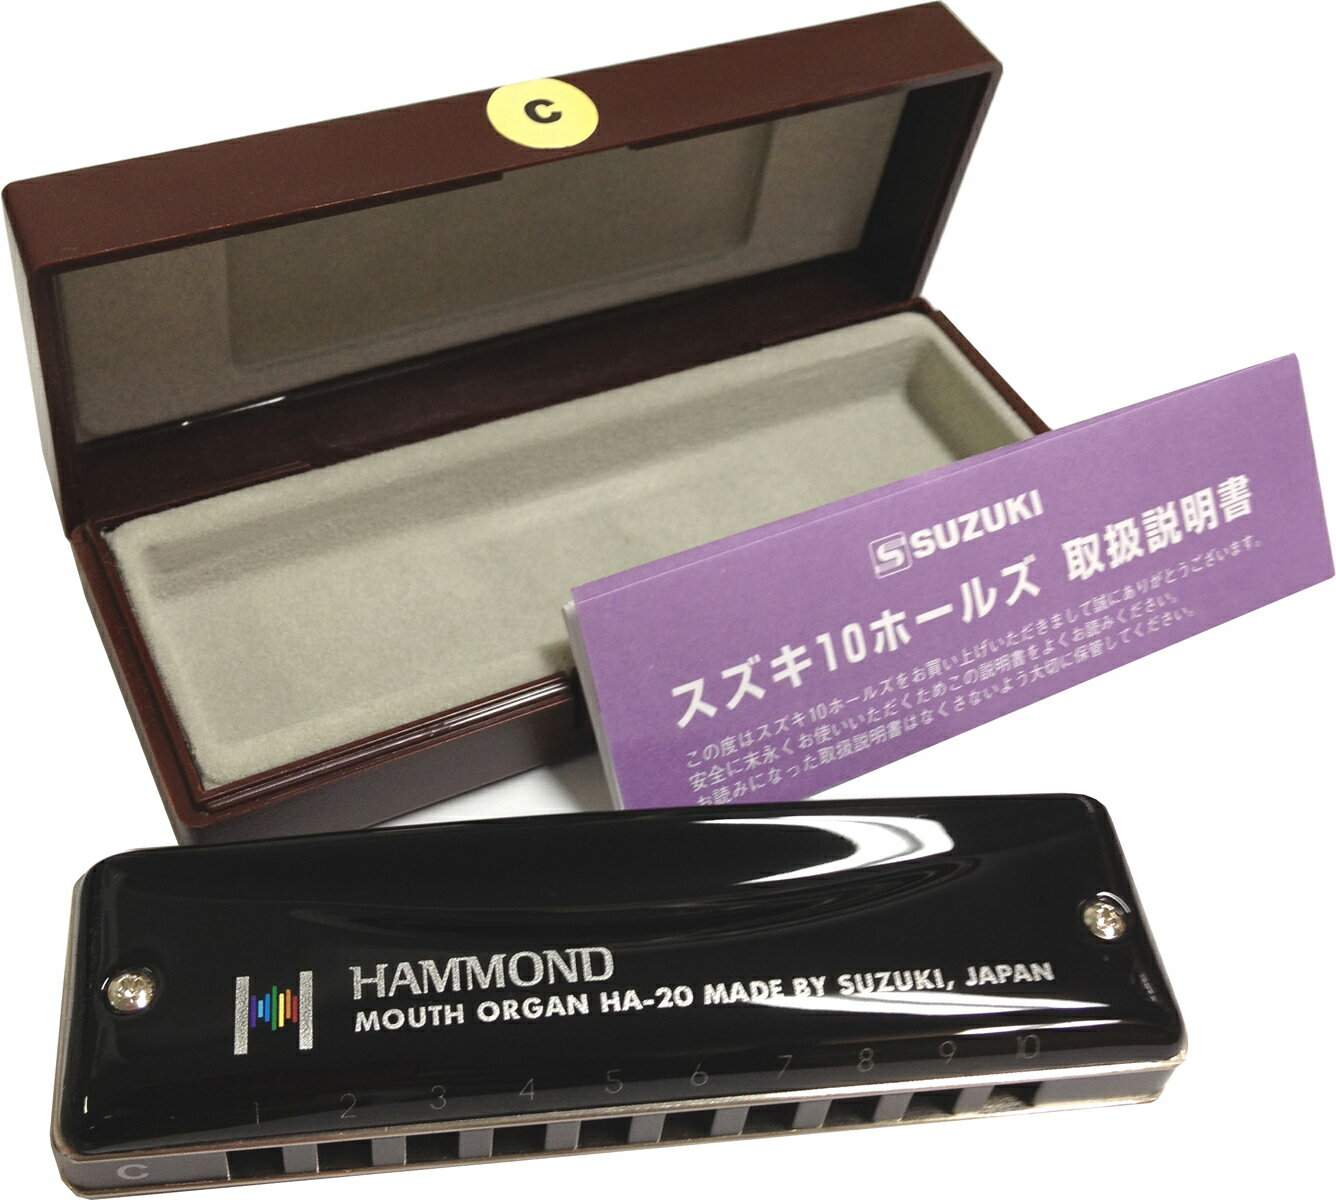 おすすめ スズキ テンホールズハーモニカ ハモンド HA-20 日本製 ブラックカバー 1…...:gakkiwatanabe:10000998